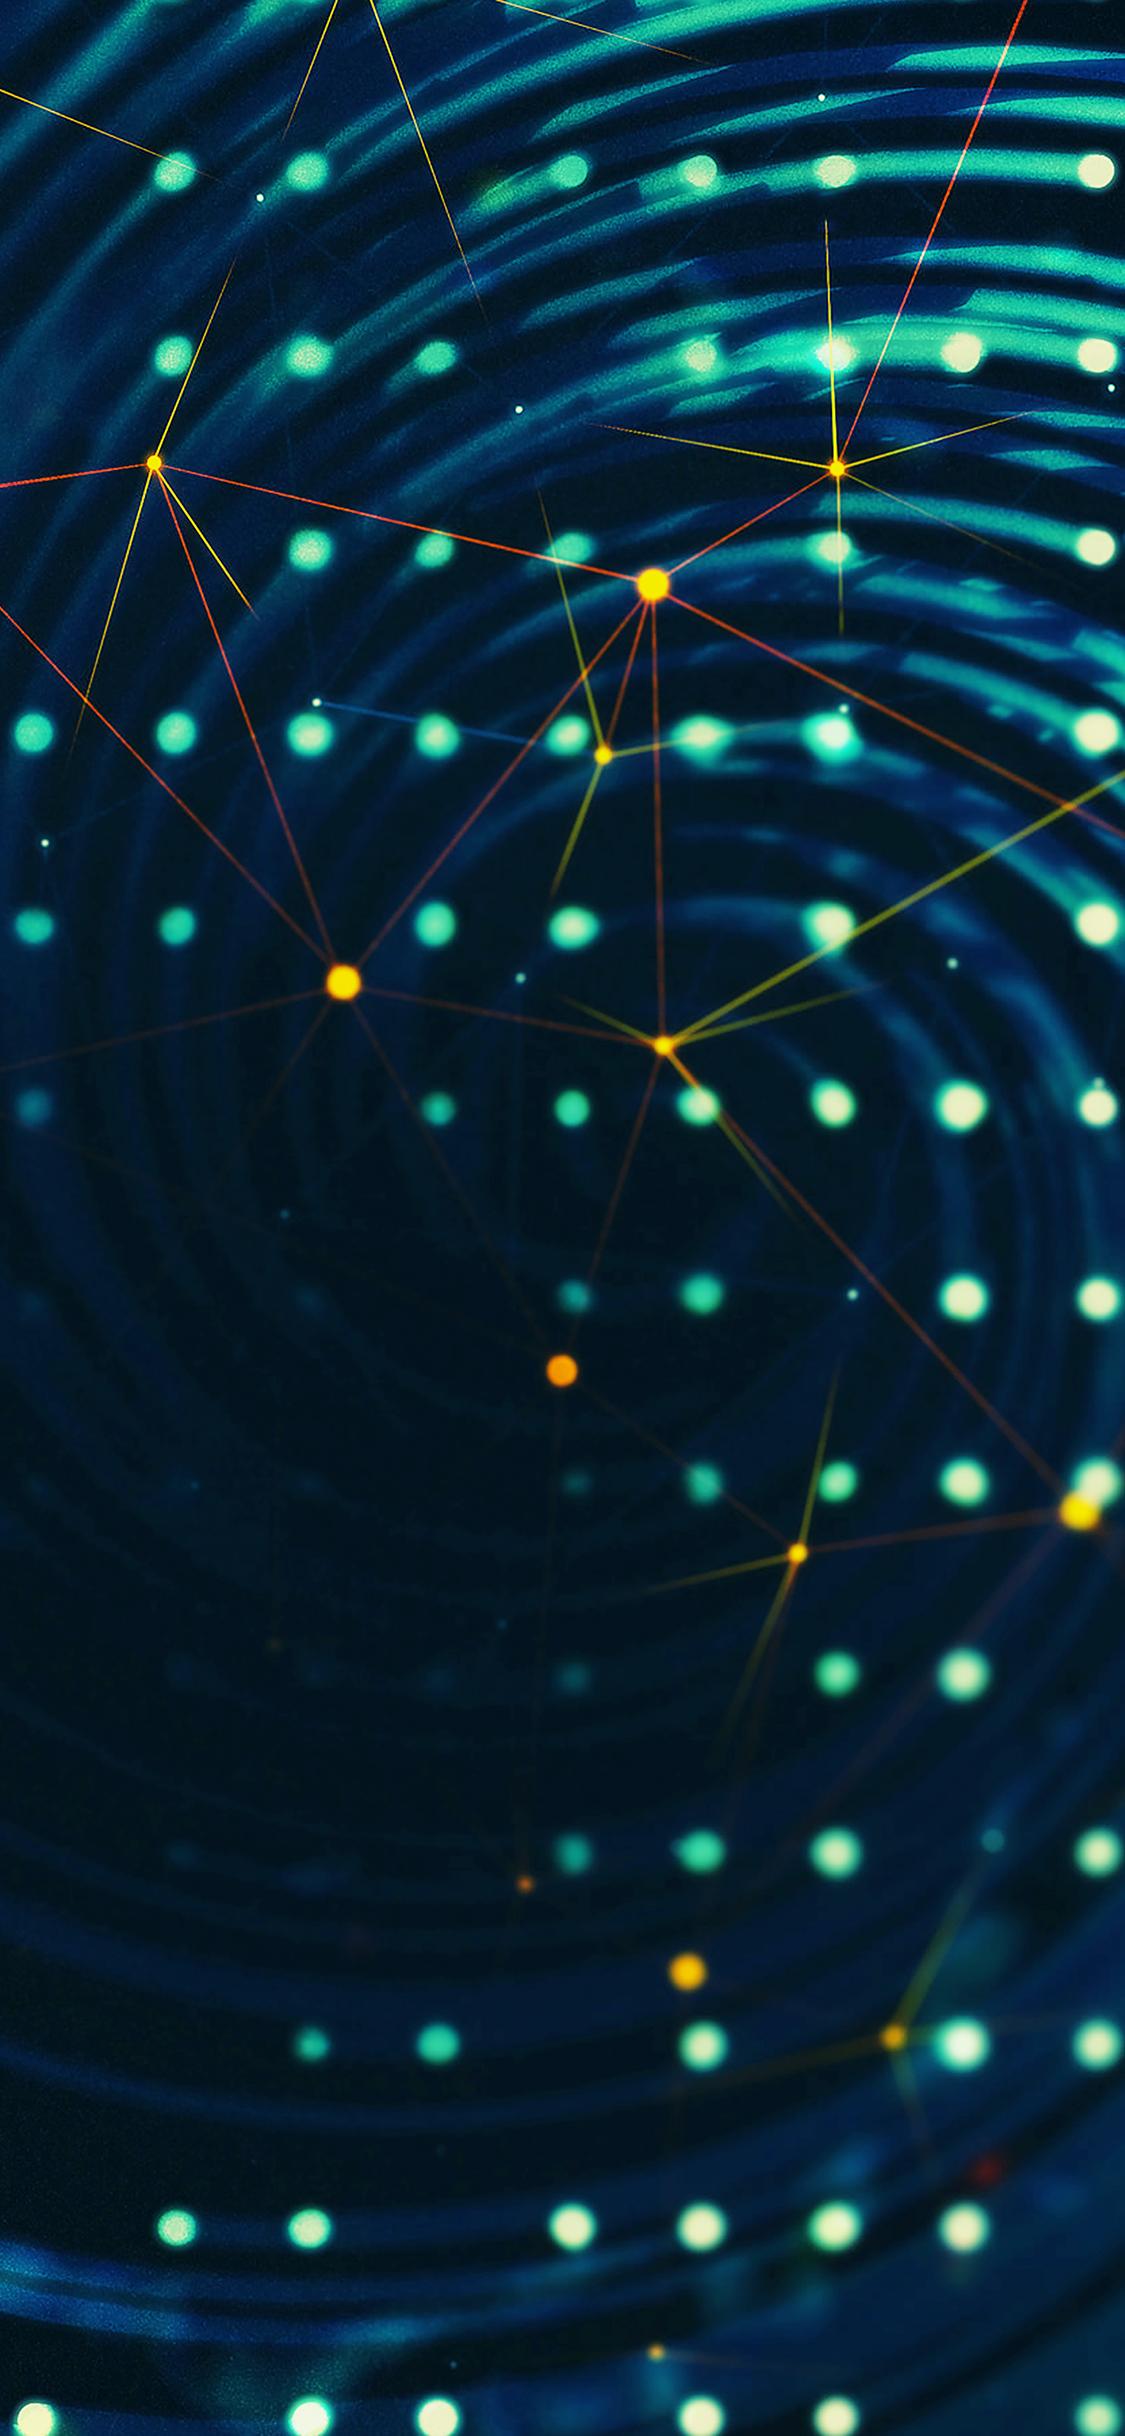 Spiral lights graphic art  iPhone X wallpaper